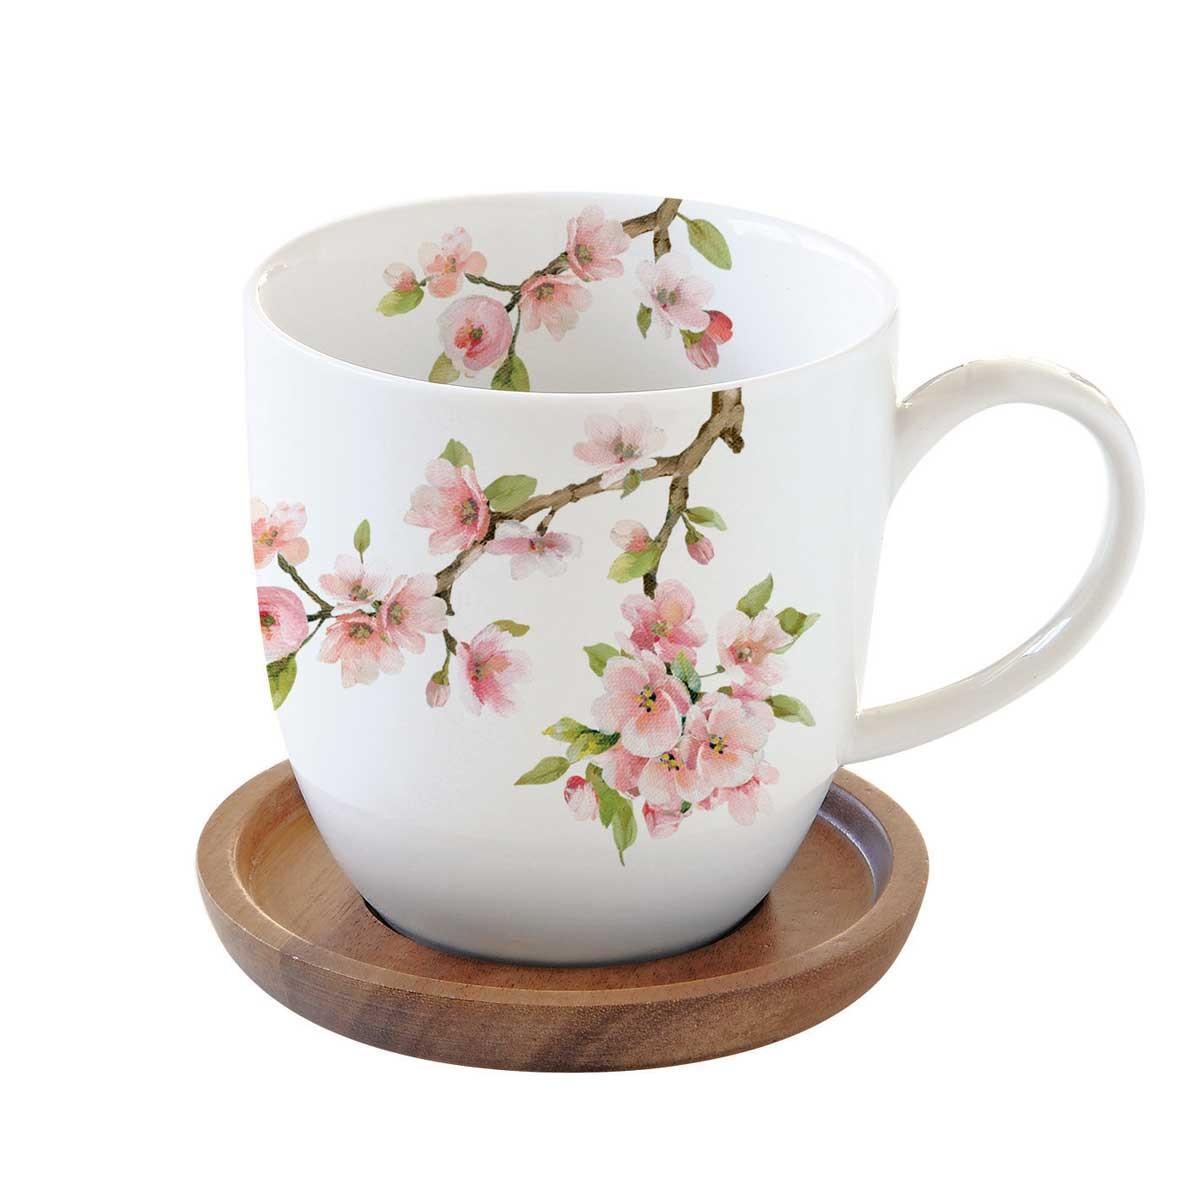 Κούπα Με Πιατάκι Marva Sakura 1080SΑΚU home   κουζίνα   τραπεζαρία   κούπες   φλυτζάνια